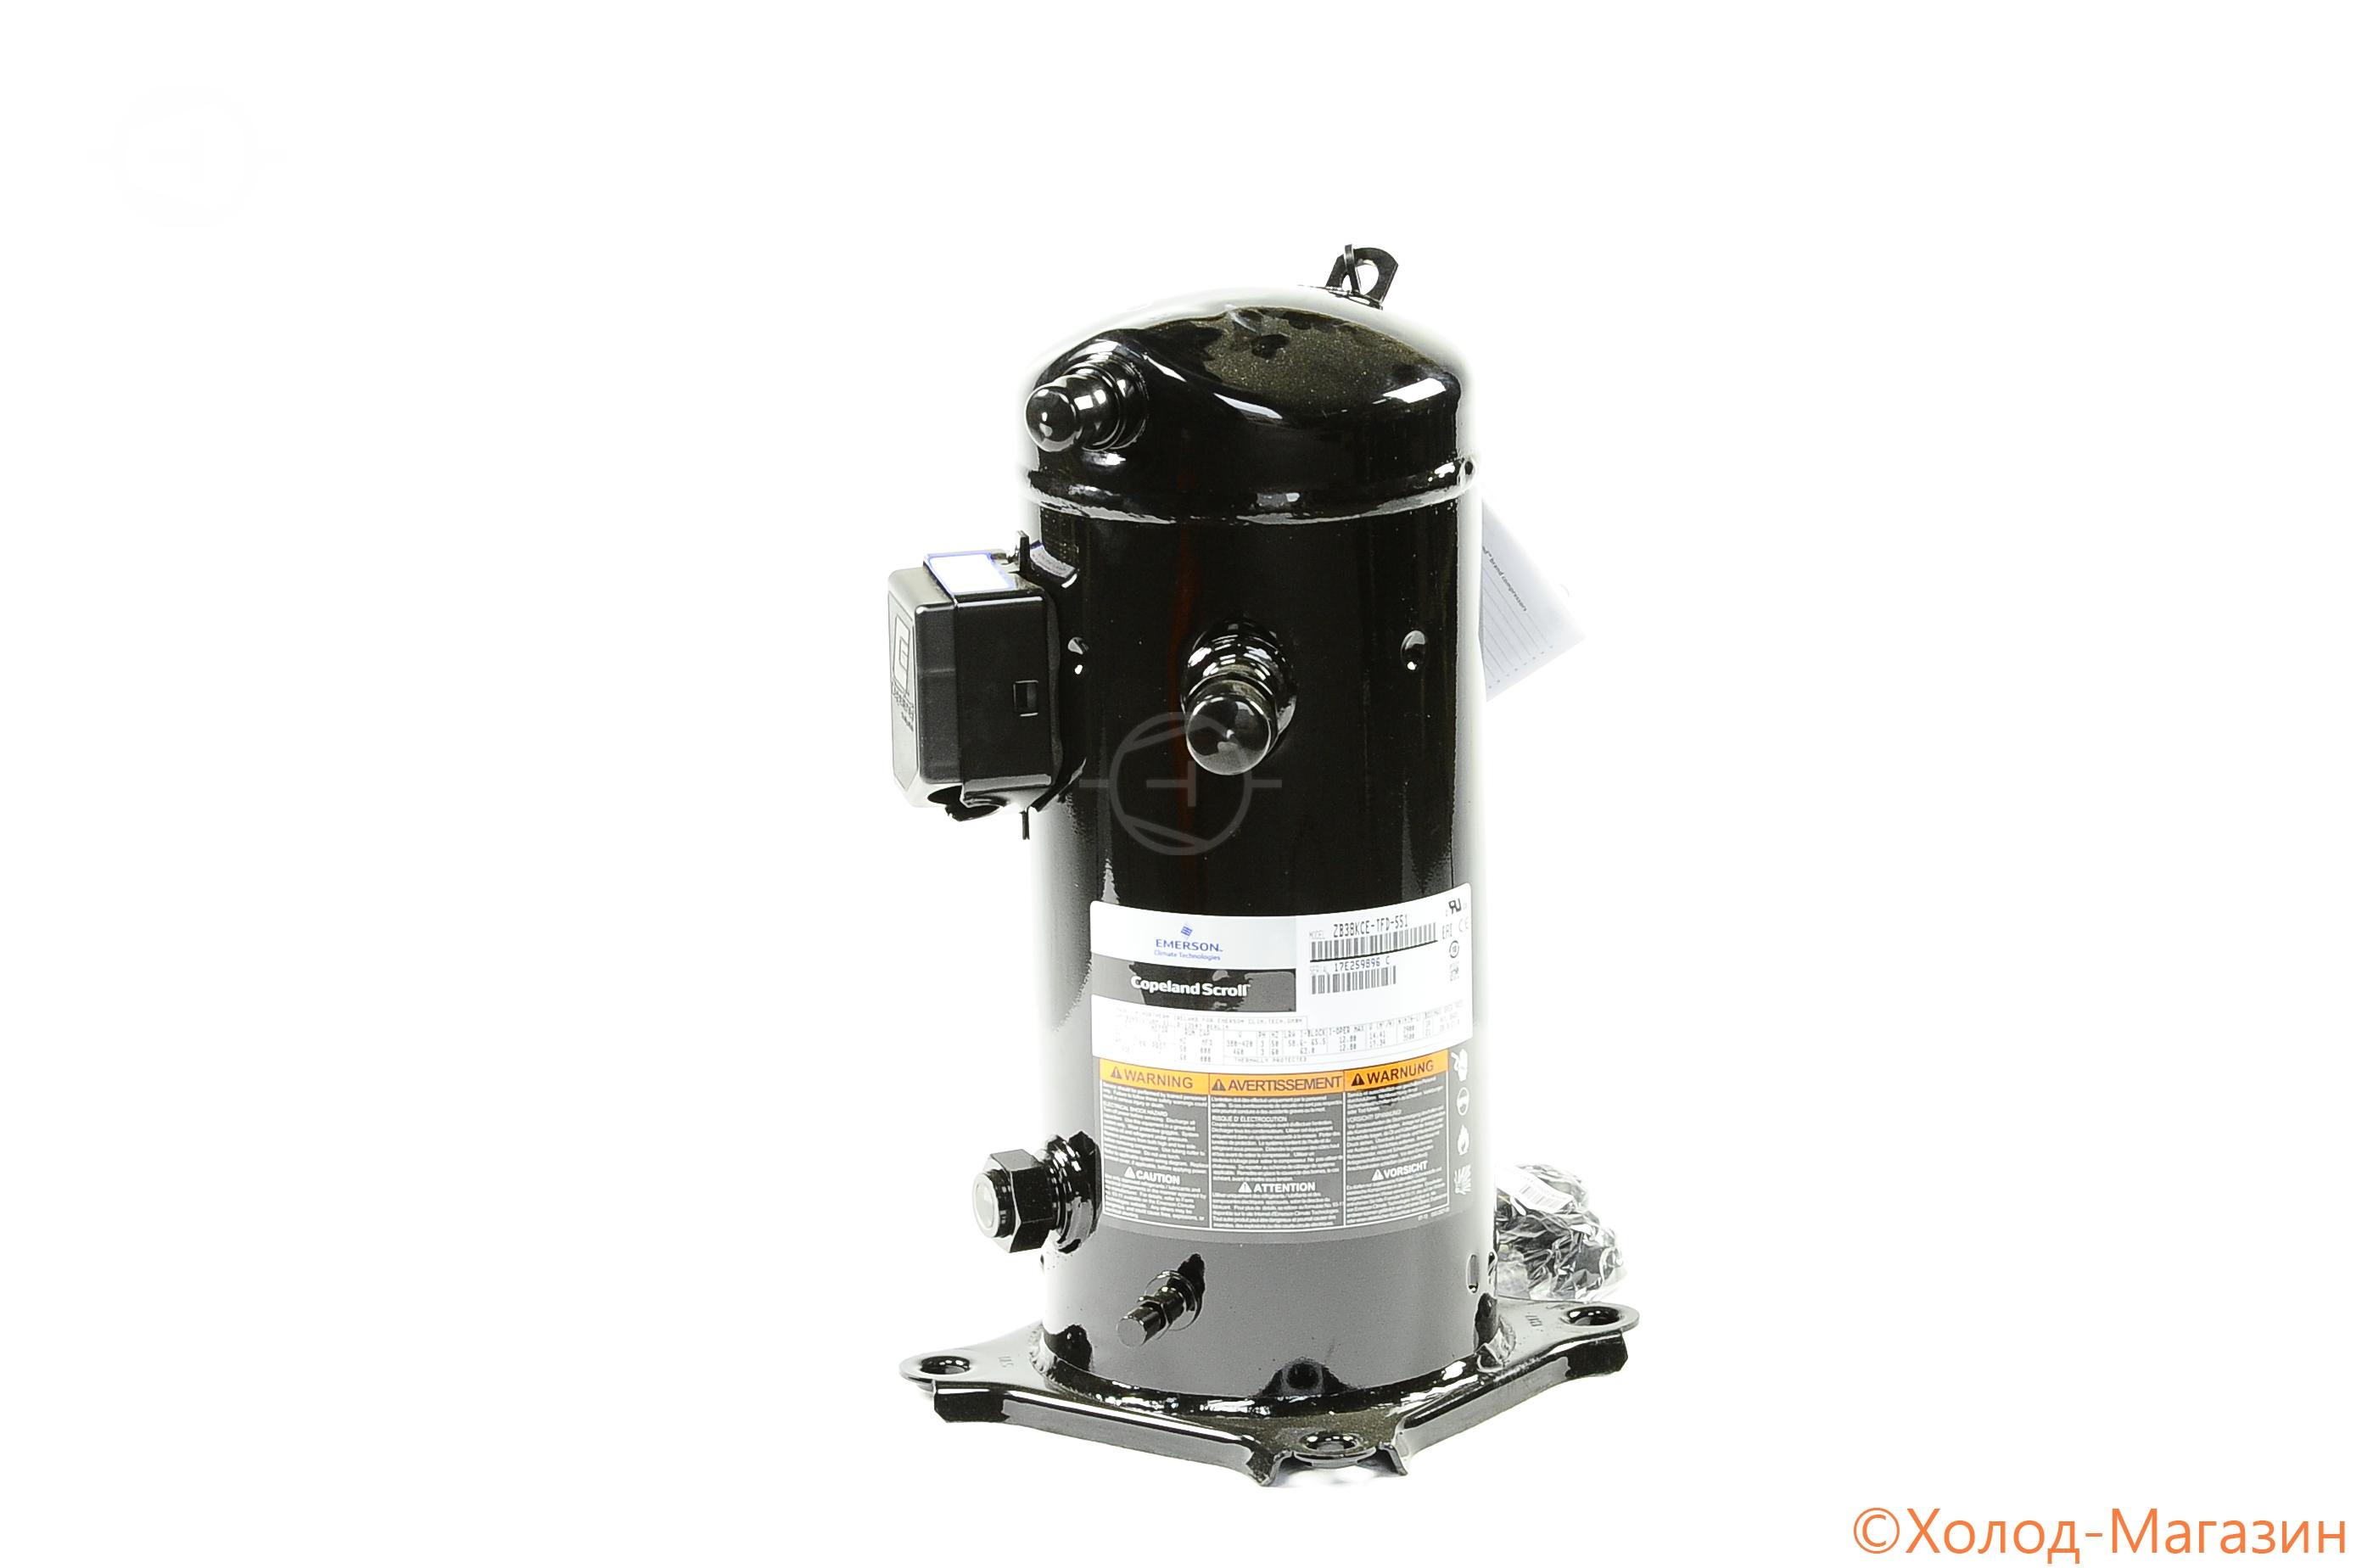 Компрессор спиральный ZB 38 KCE-TFD-551 Copeland, Emerson